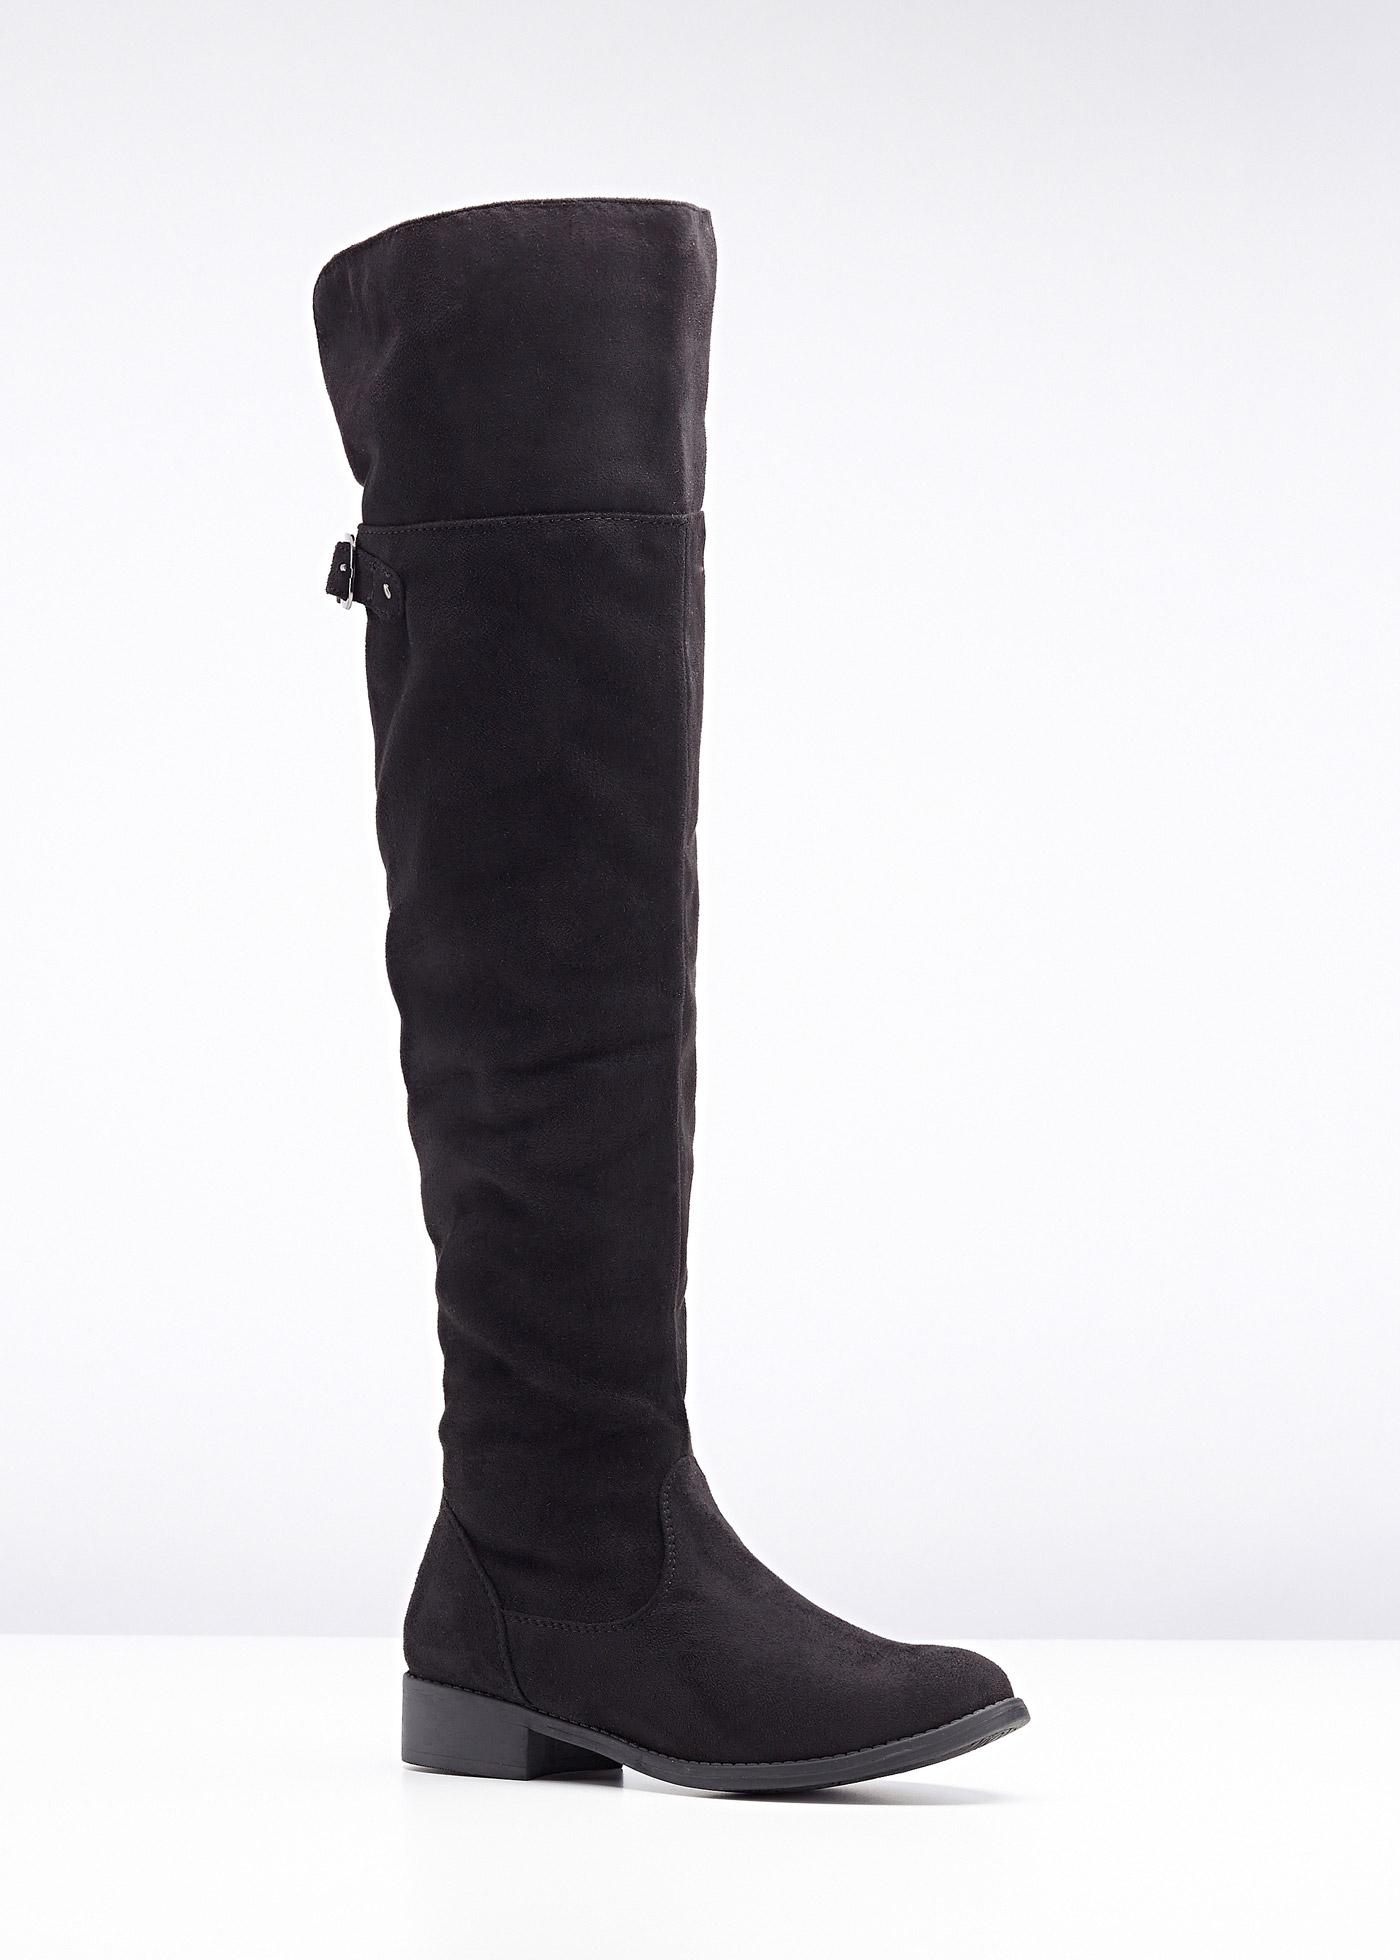 buy online 4a278 bfc45 Stylische Overknee Stiefel für breite Waden bei Wundercurves